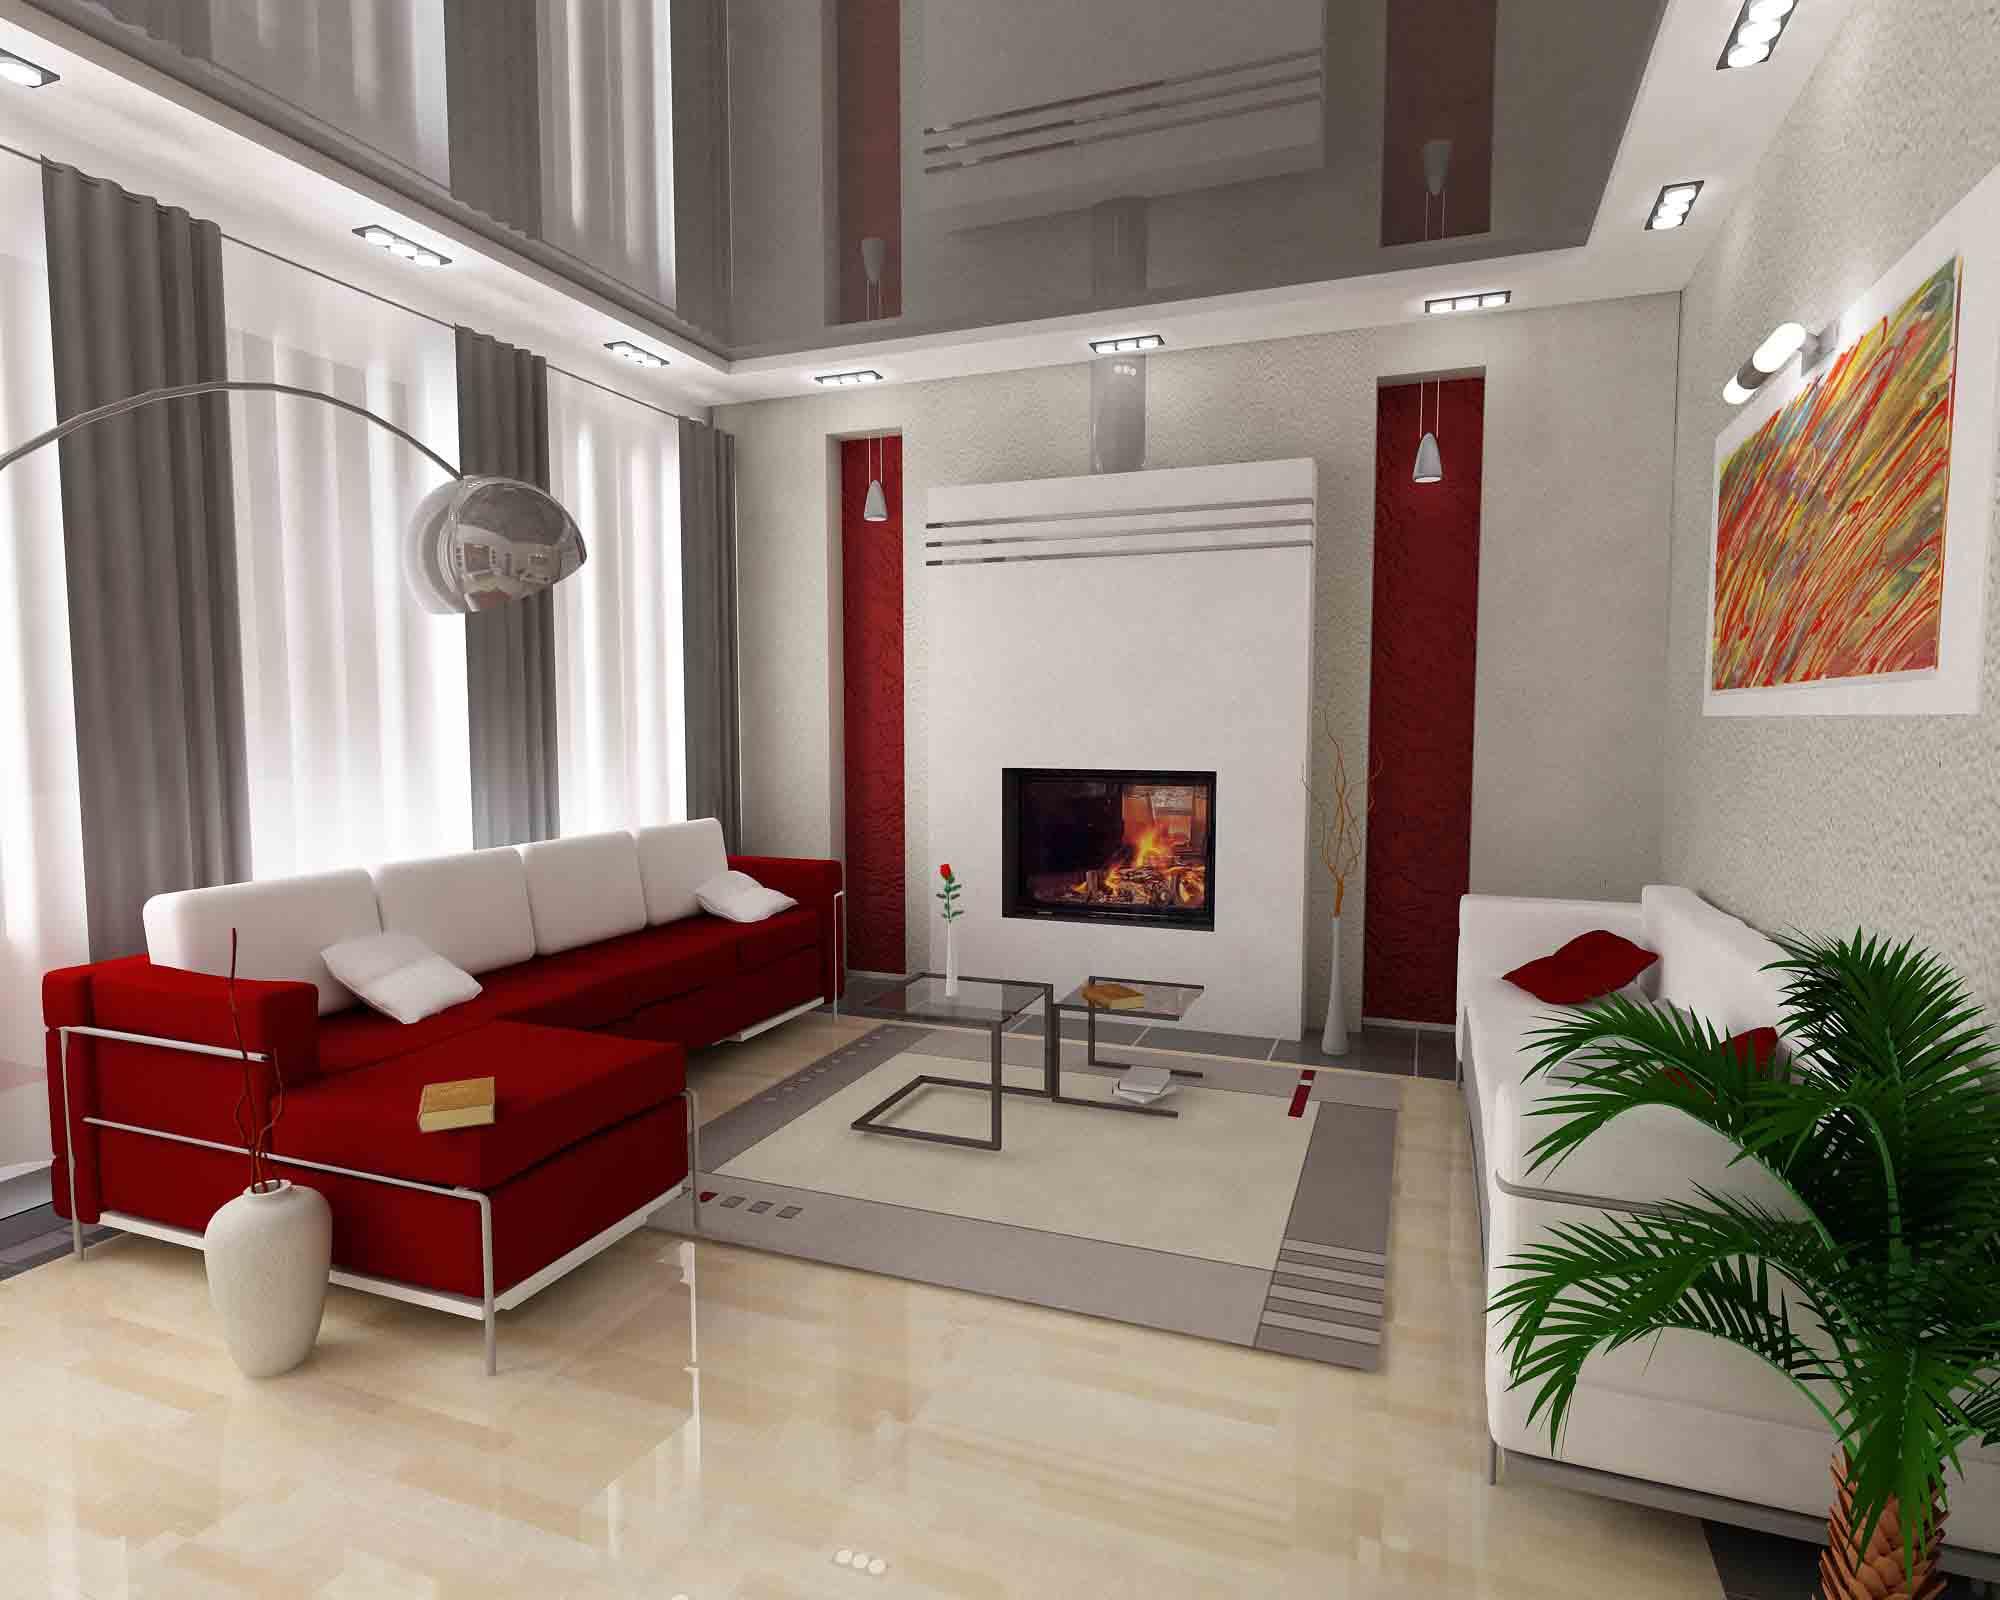 Декор интерьера квартиры